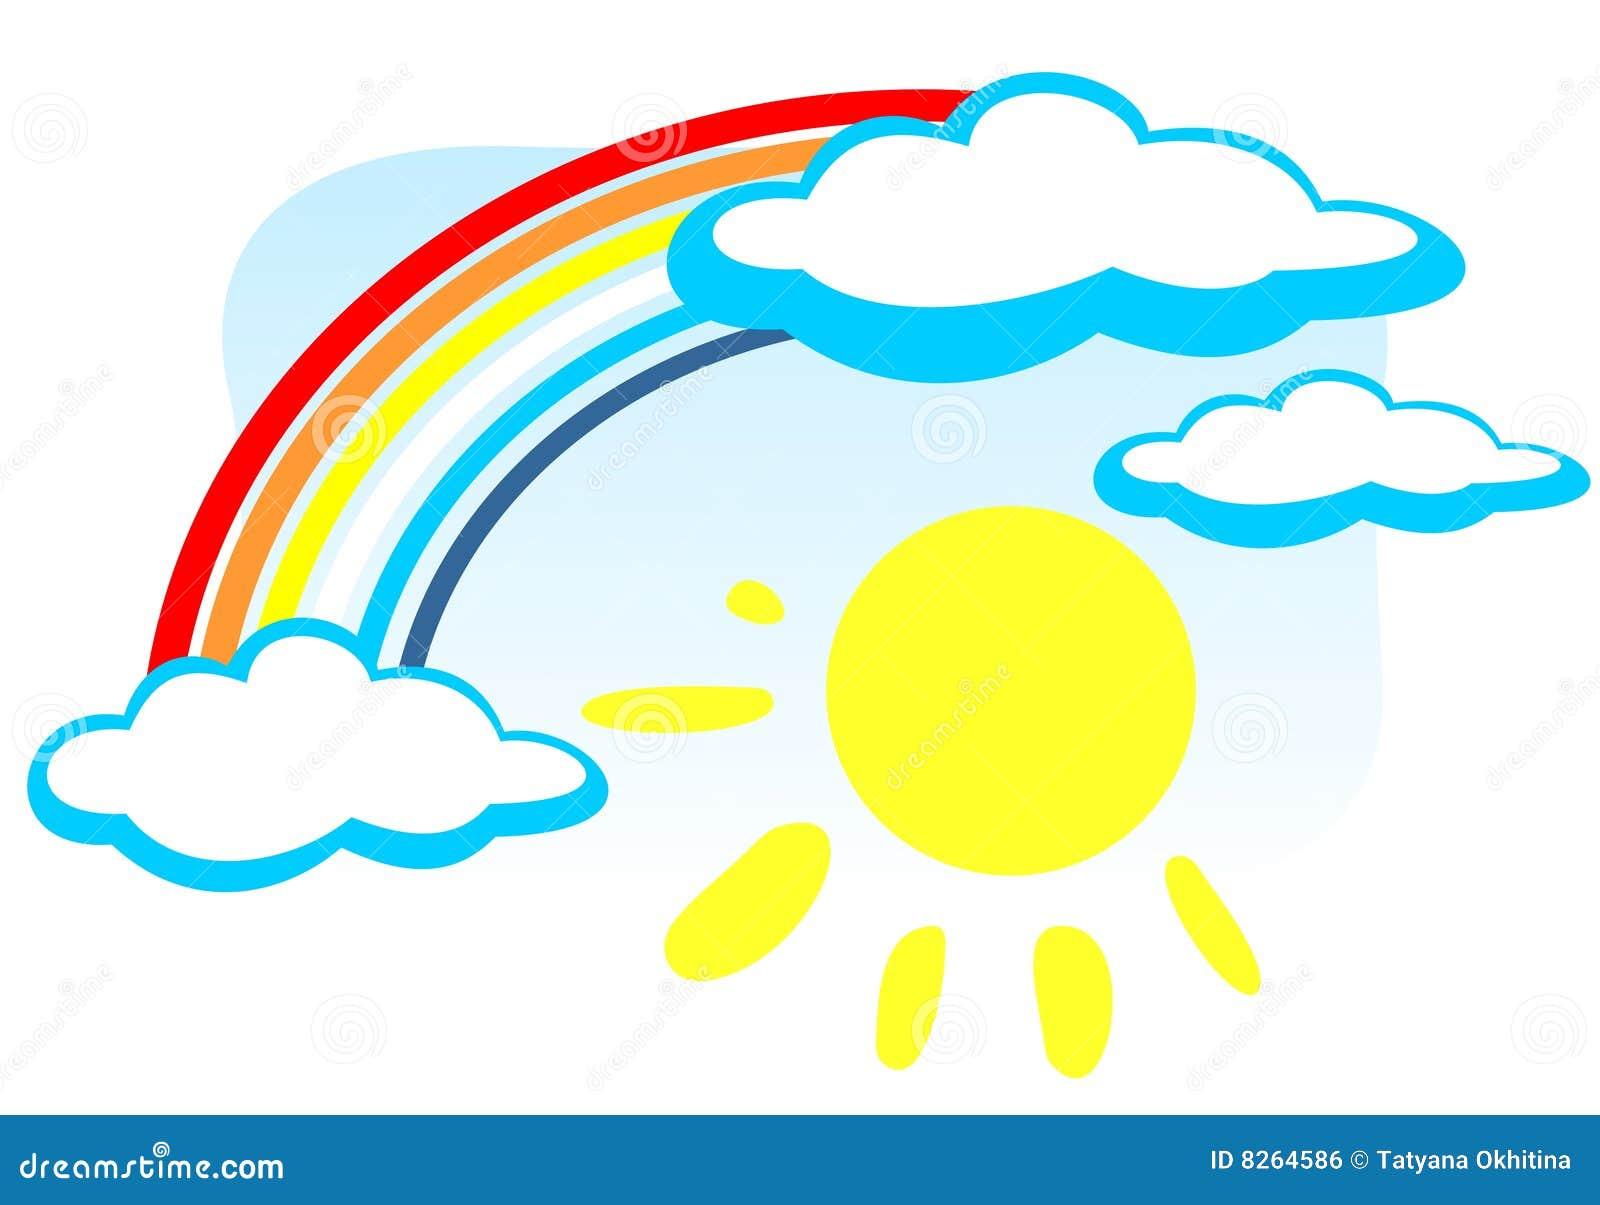 Arc en ciel et soleil illustration de vecteur - Image arc en ciel gratuite ...